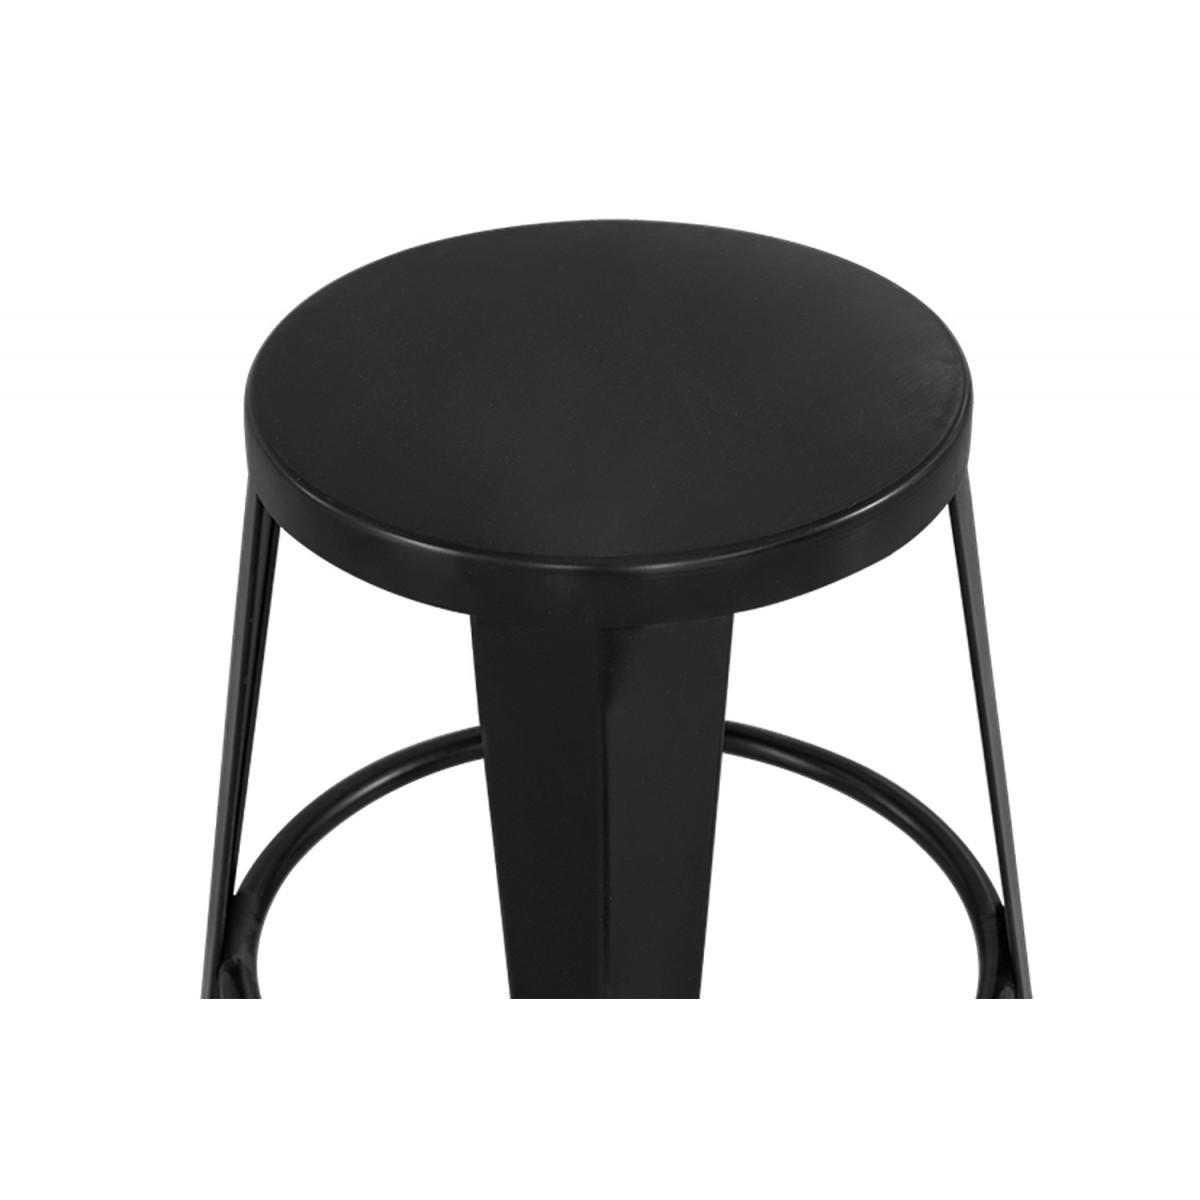 Tabouret Metal Noir 30x30x45cm